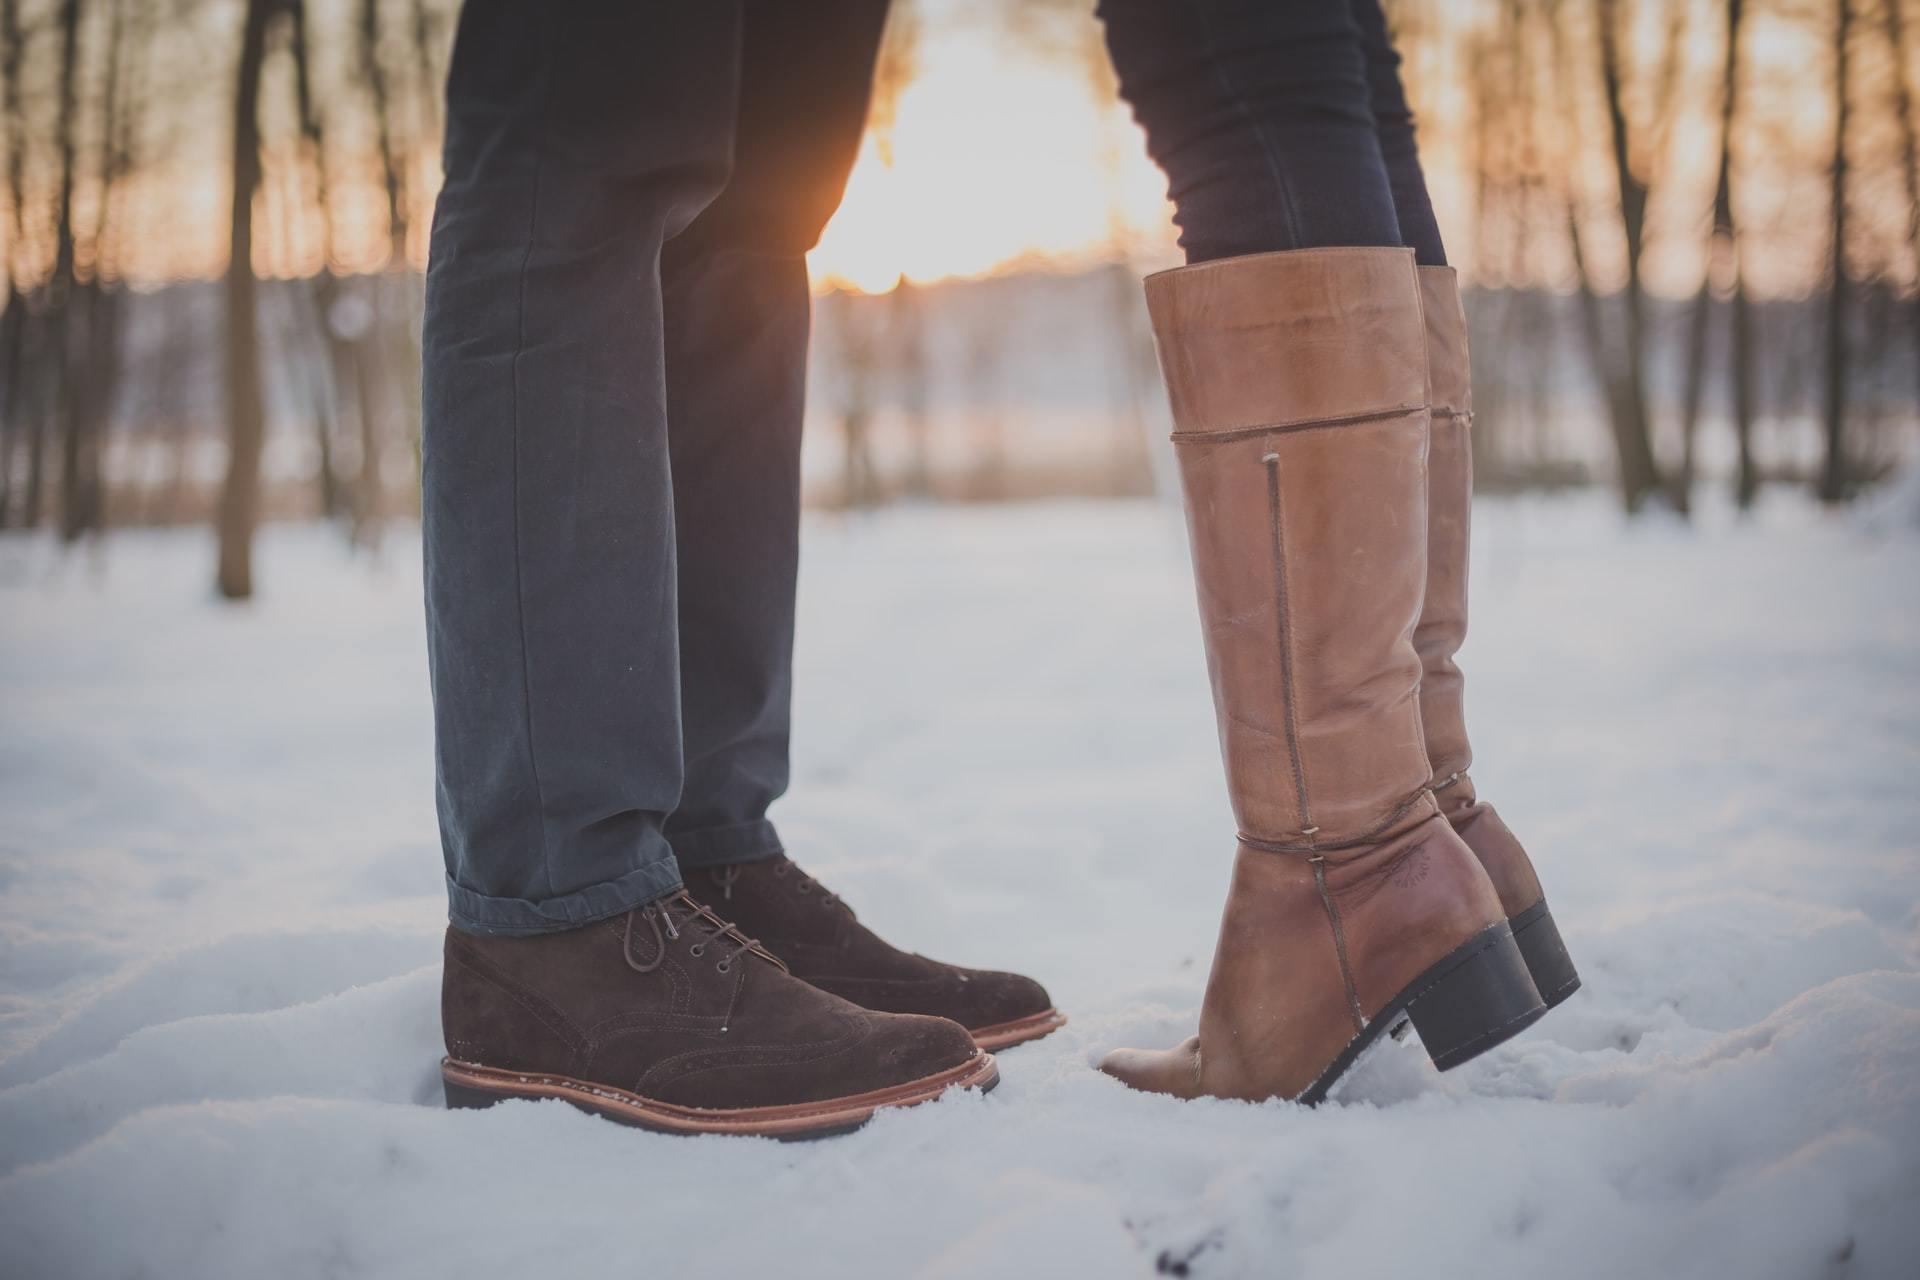 雪の中で向き合うカップルの足元